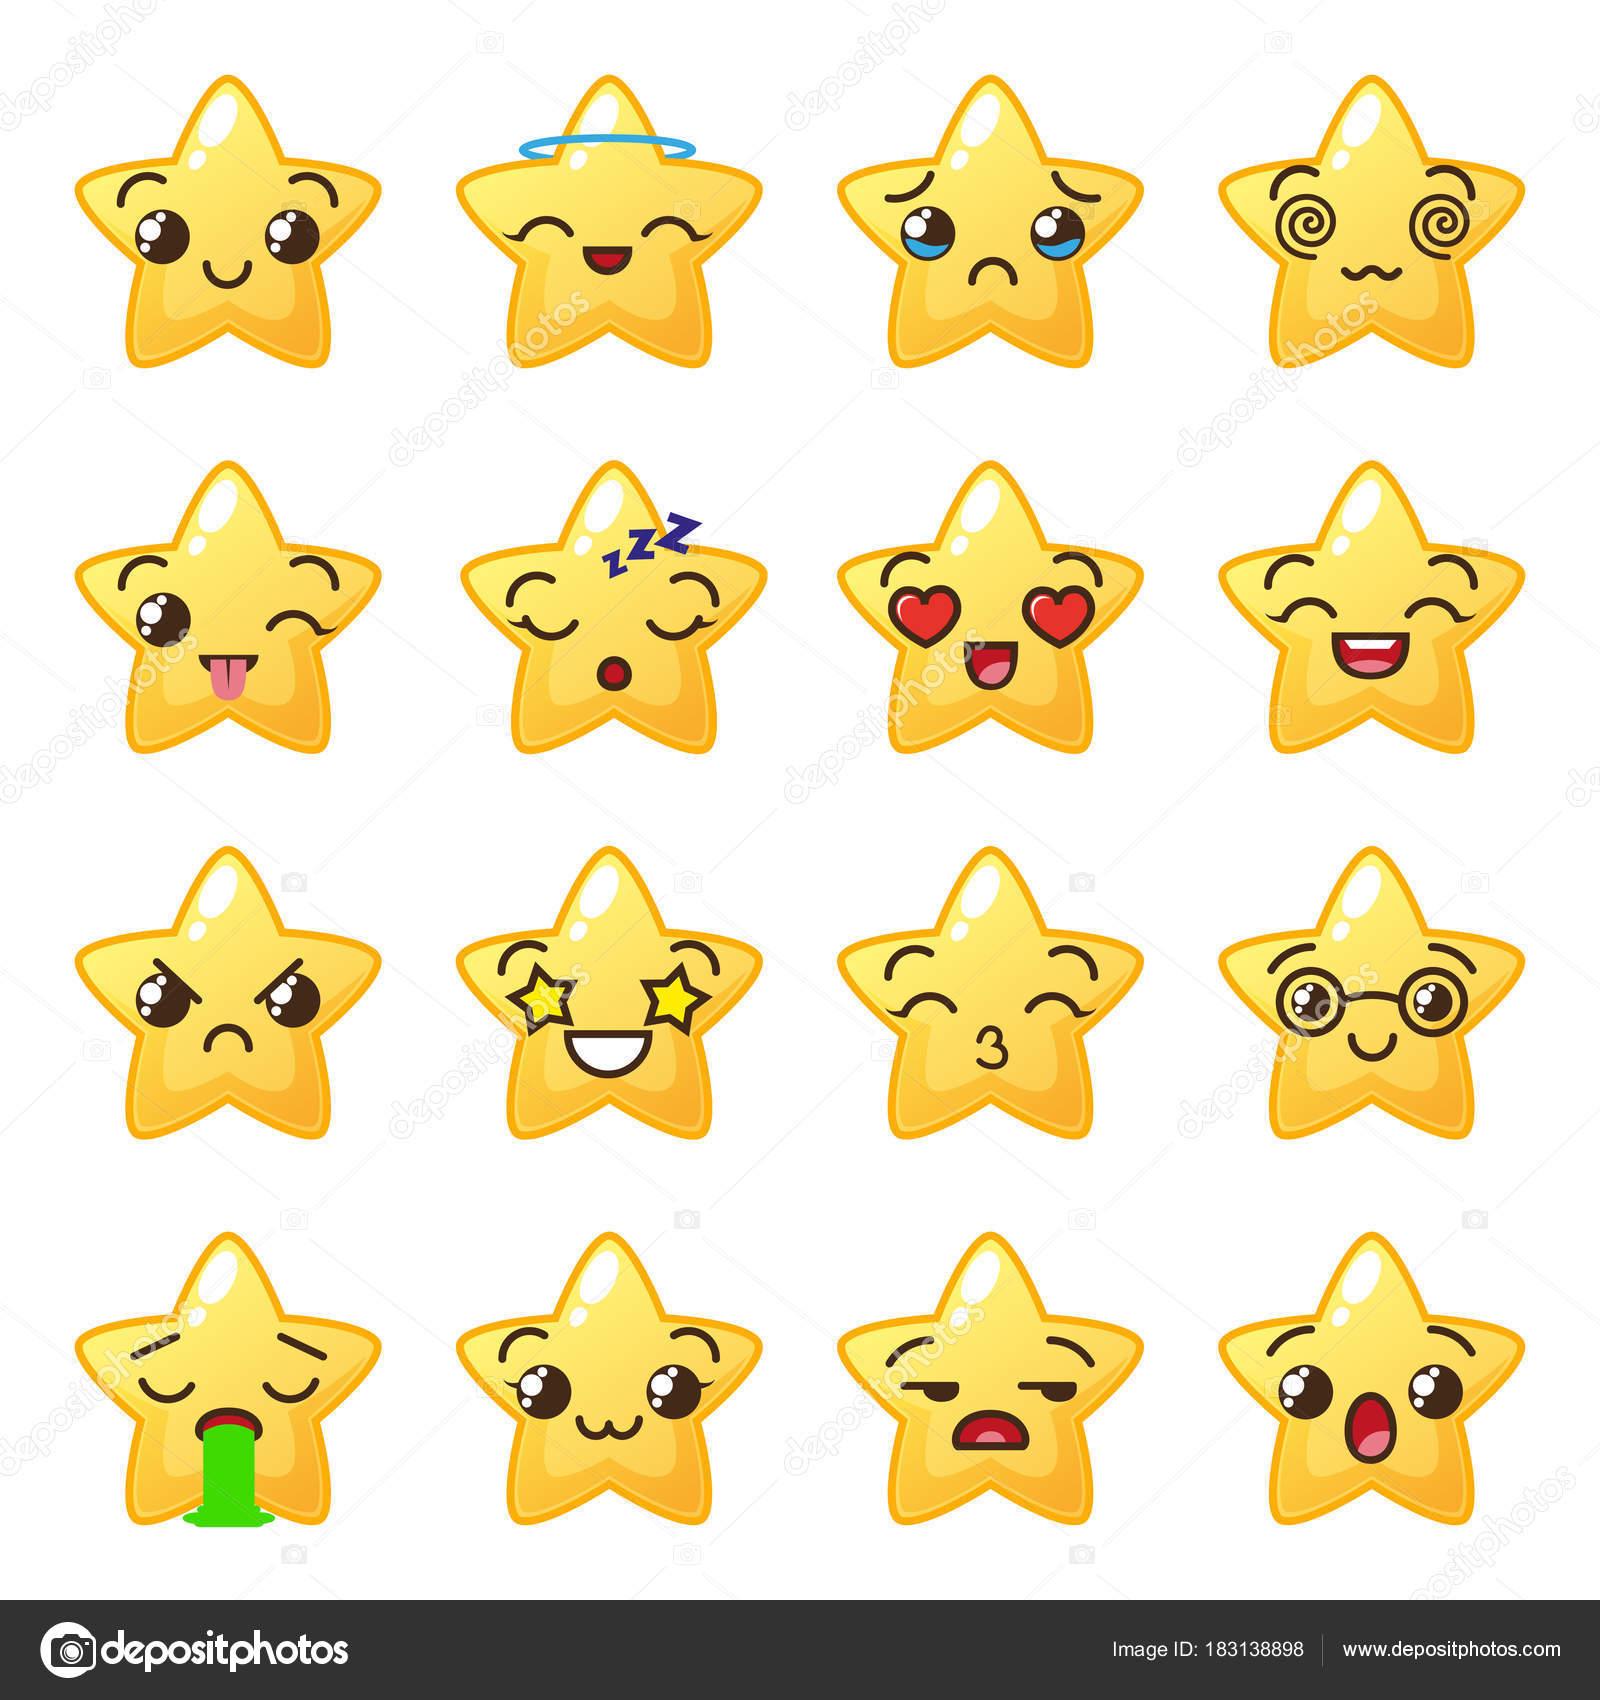 Emoji estrella emoticonos lindos icono cara kawaii vector de stock alka5051 183138898 - Emoticone kawaii ...